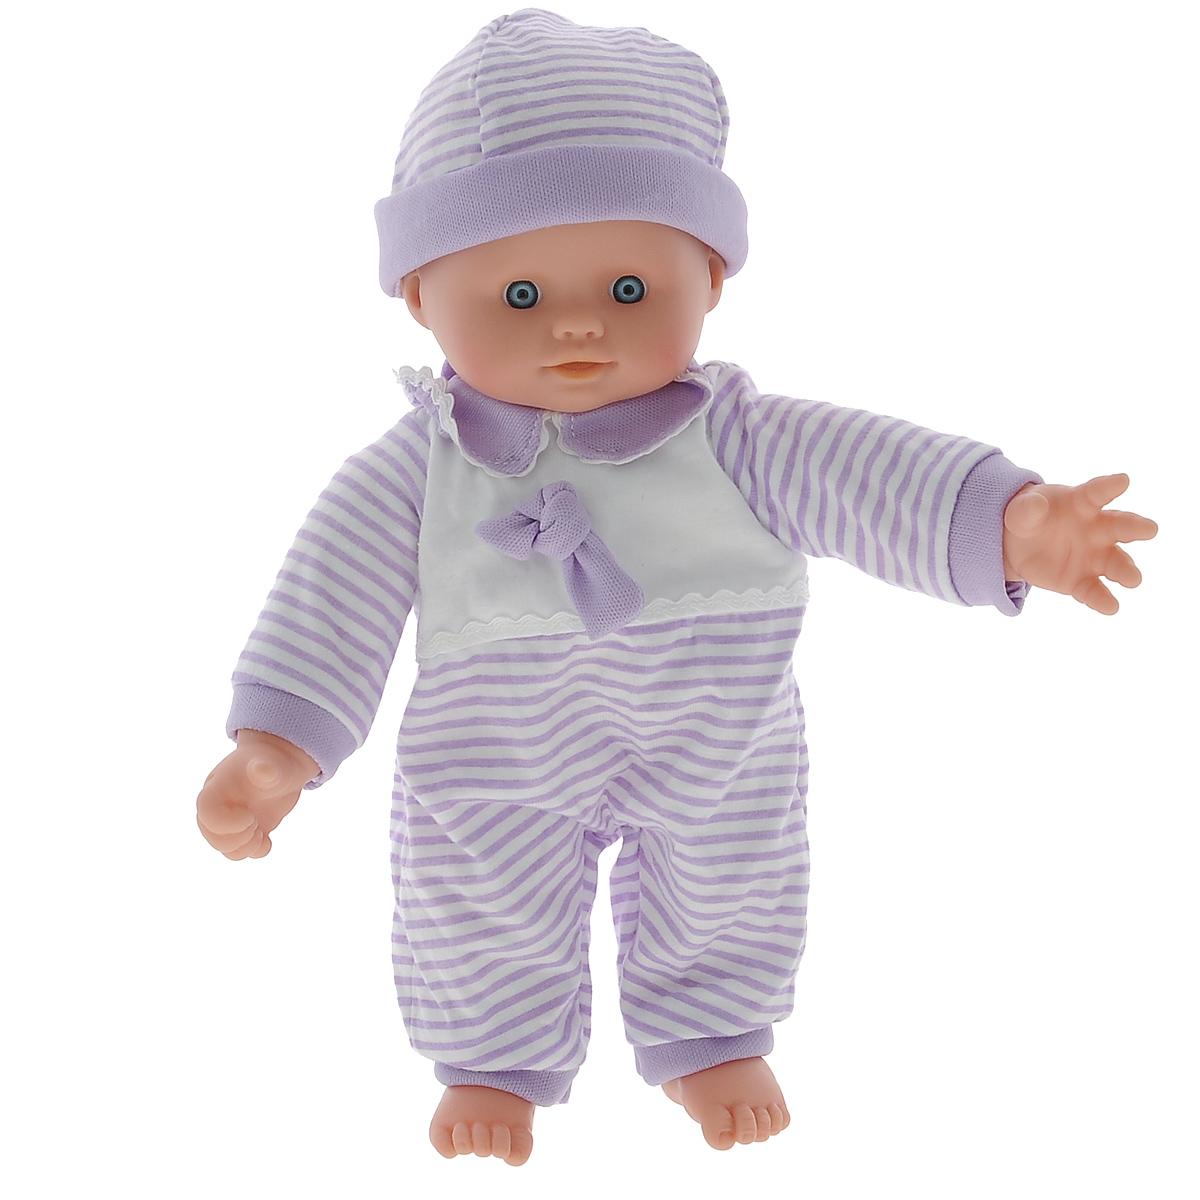 Simba Пупс озвученный Cutie Doll Laura цвет фиолетовый белый5140245Пупс Simba Cutie Doll Laura непременно приведет в восторг вашу дочурку. Голова, ручки и ножки пупса выполнены из прочного пластика, а тело - мягконабивное. Очаровательная малышка одета в удобный комбинезон, оформленный принтом в полоску, а на голове у нее - чепчик в цвет. При нажатии на животик, игрушка воспроизводит реалистичные звуковые эффекты. Всего пупс воспроизводит 10 разных звуков. Трогательный пупс принесет радость и подарит своей обладательнице мгновения нежных объятий. Игры с куклами способствуют эмоциональному развитию, помогают формировать воображение и художественный вкус, а также разовьют в вашей малышке чувство ответственности и заботы. Великолепное качество исполнения делают эту куколку чудесным подарком к любому празднику. Рекомендуется докупить 3 батарейки типа AG13 (LR44) (товар комплектуется демонстрационными).